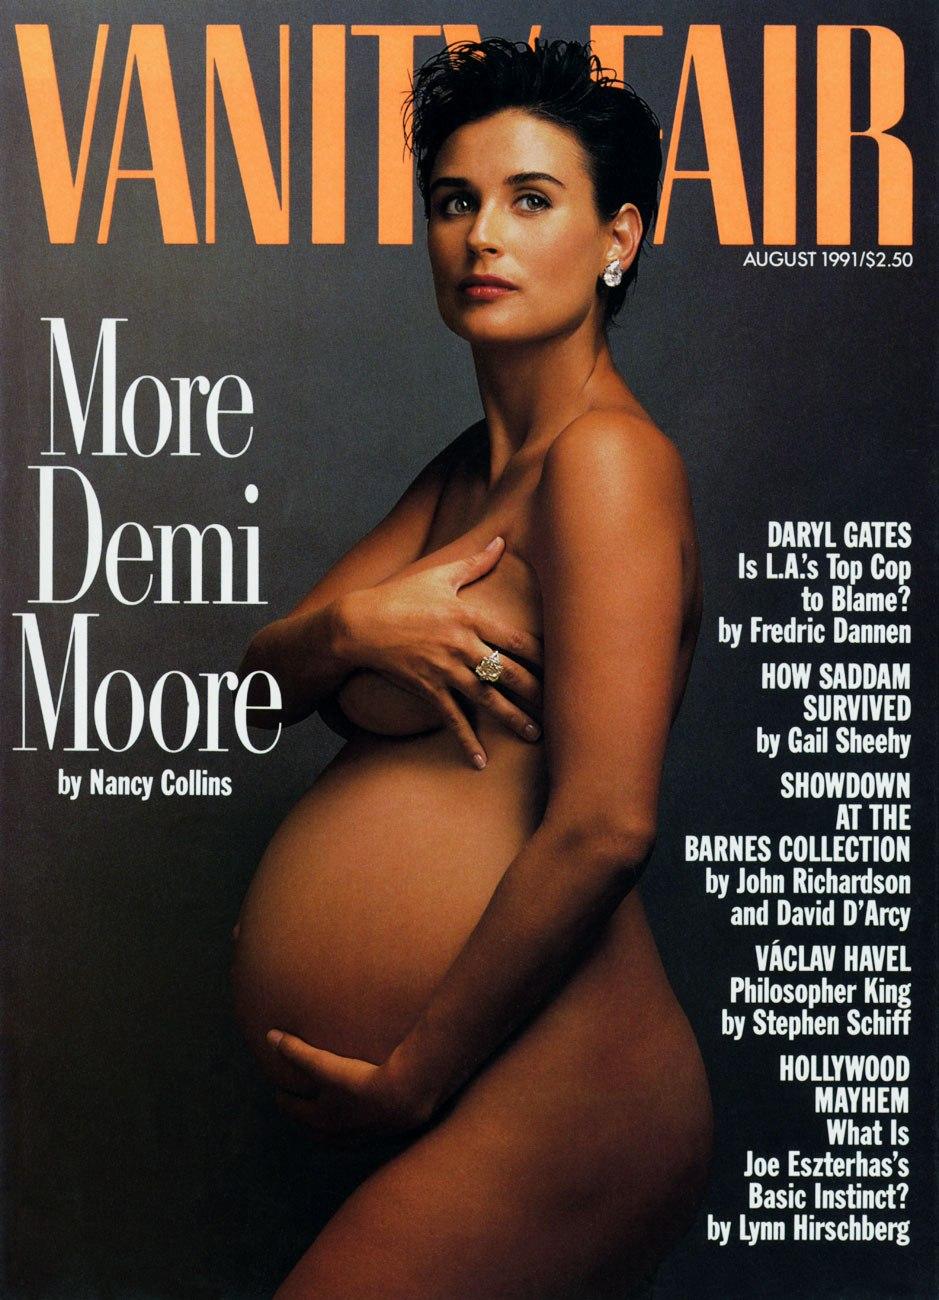 Portada de la revista Vanity Fair donde Demi Moore posa desnuda y embarazada. Quizás su retrato más conocido. © Annie Leibovitz